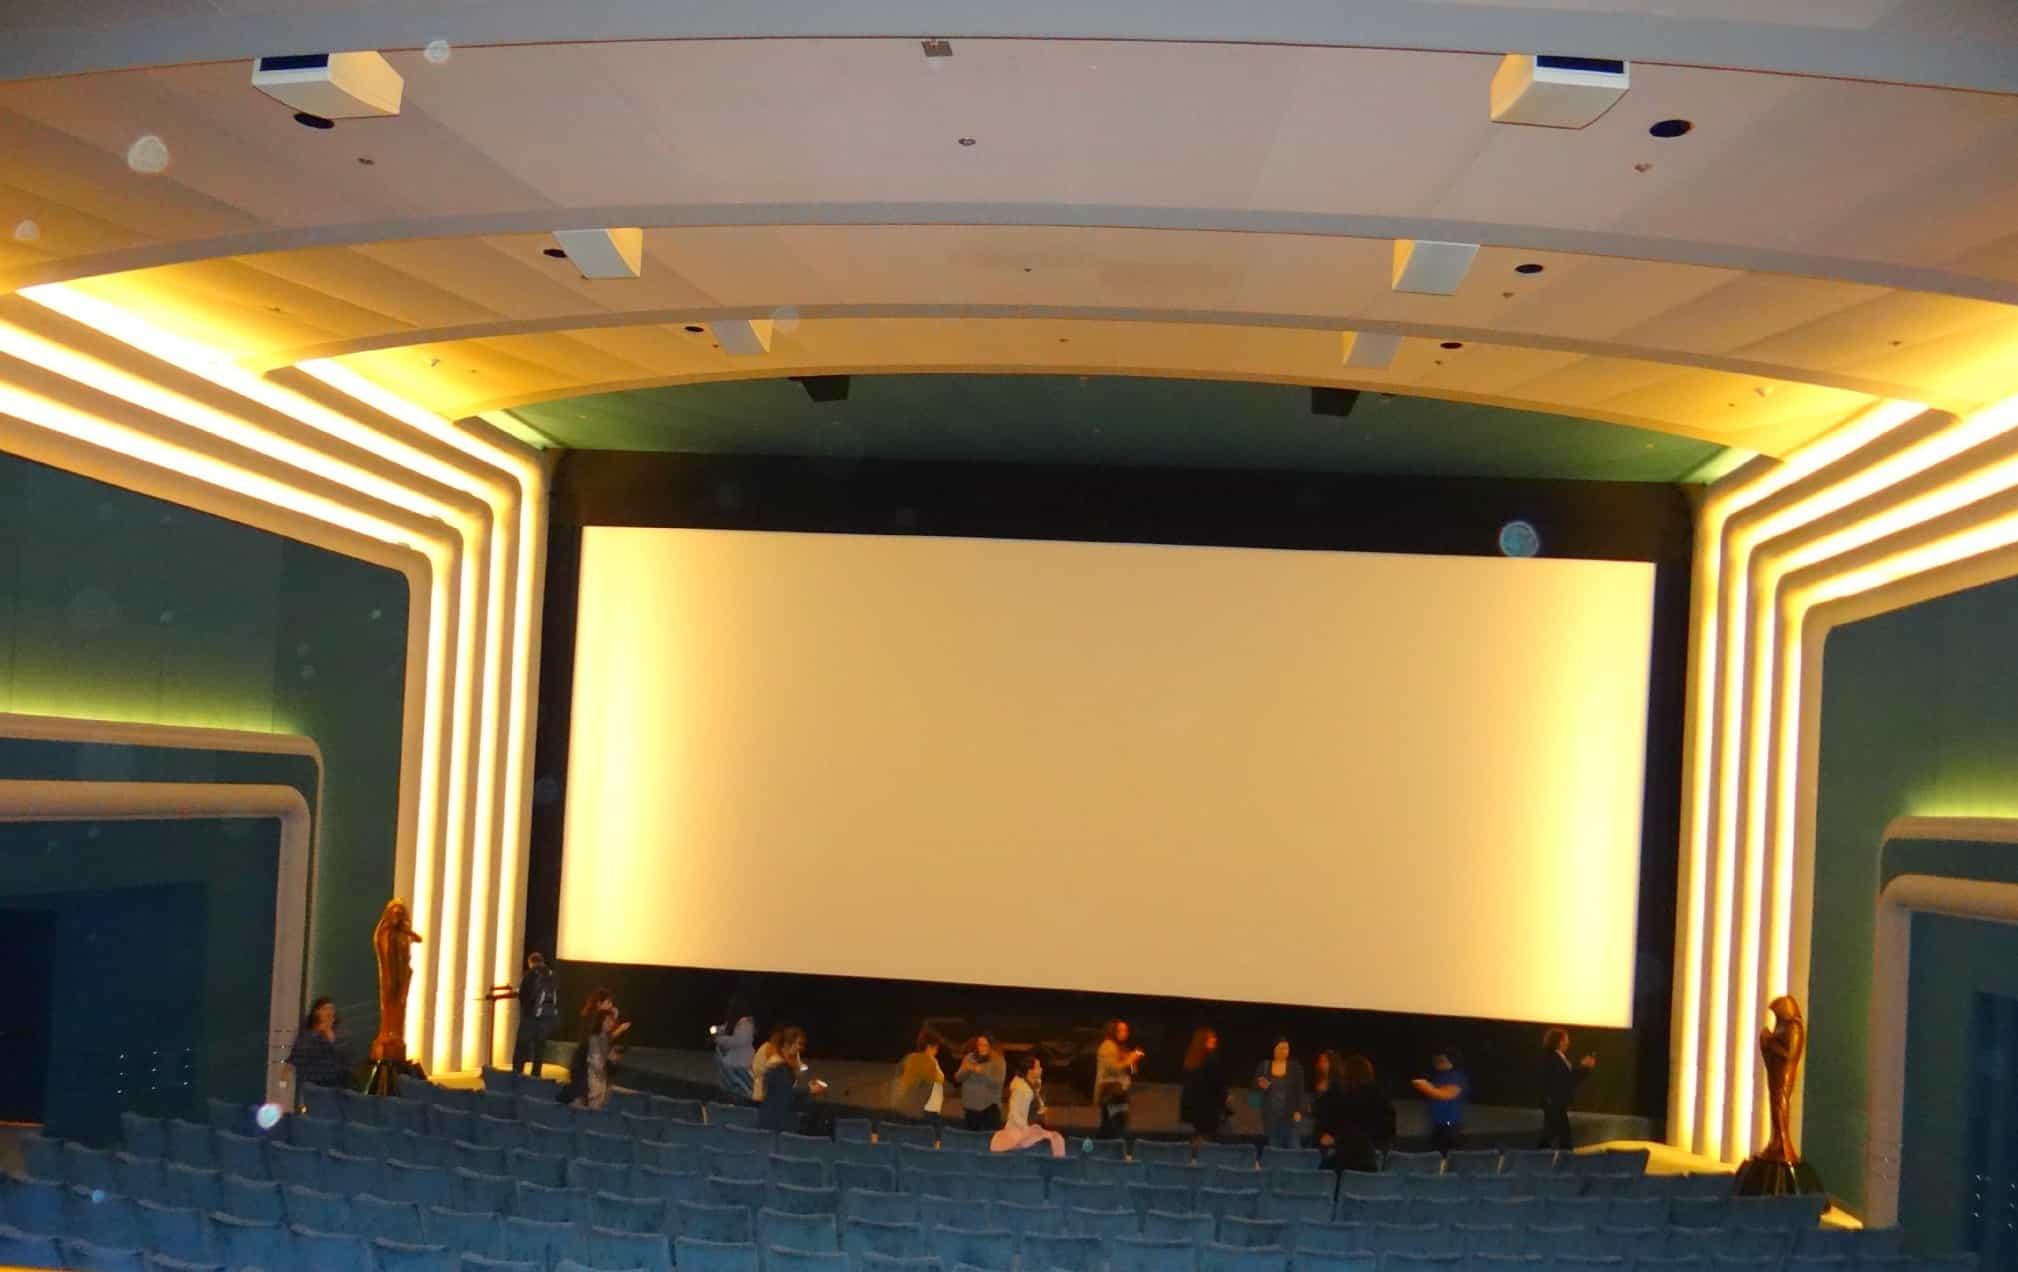 Stag Theater - Skywalker Sound